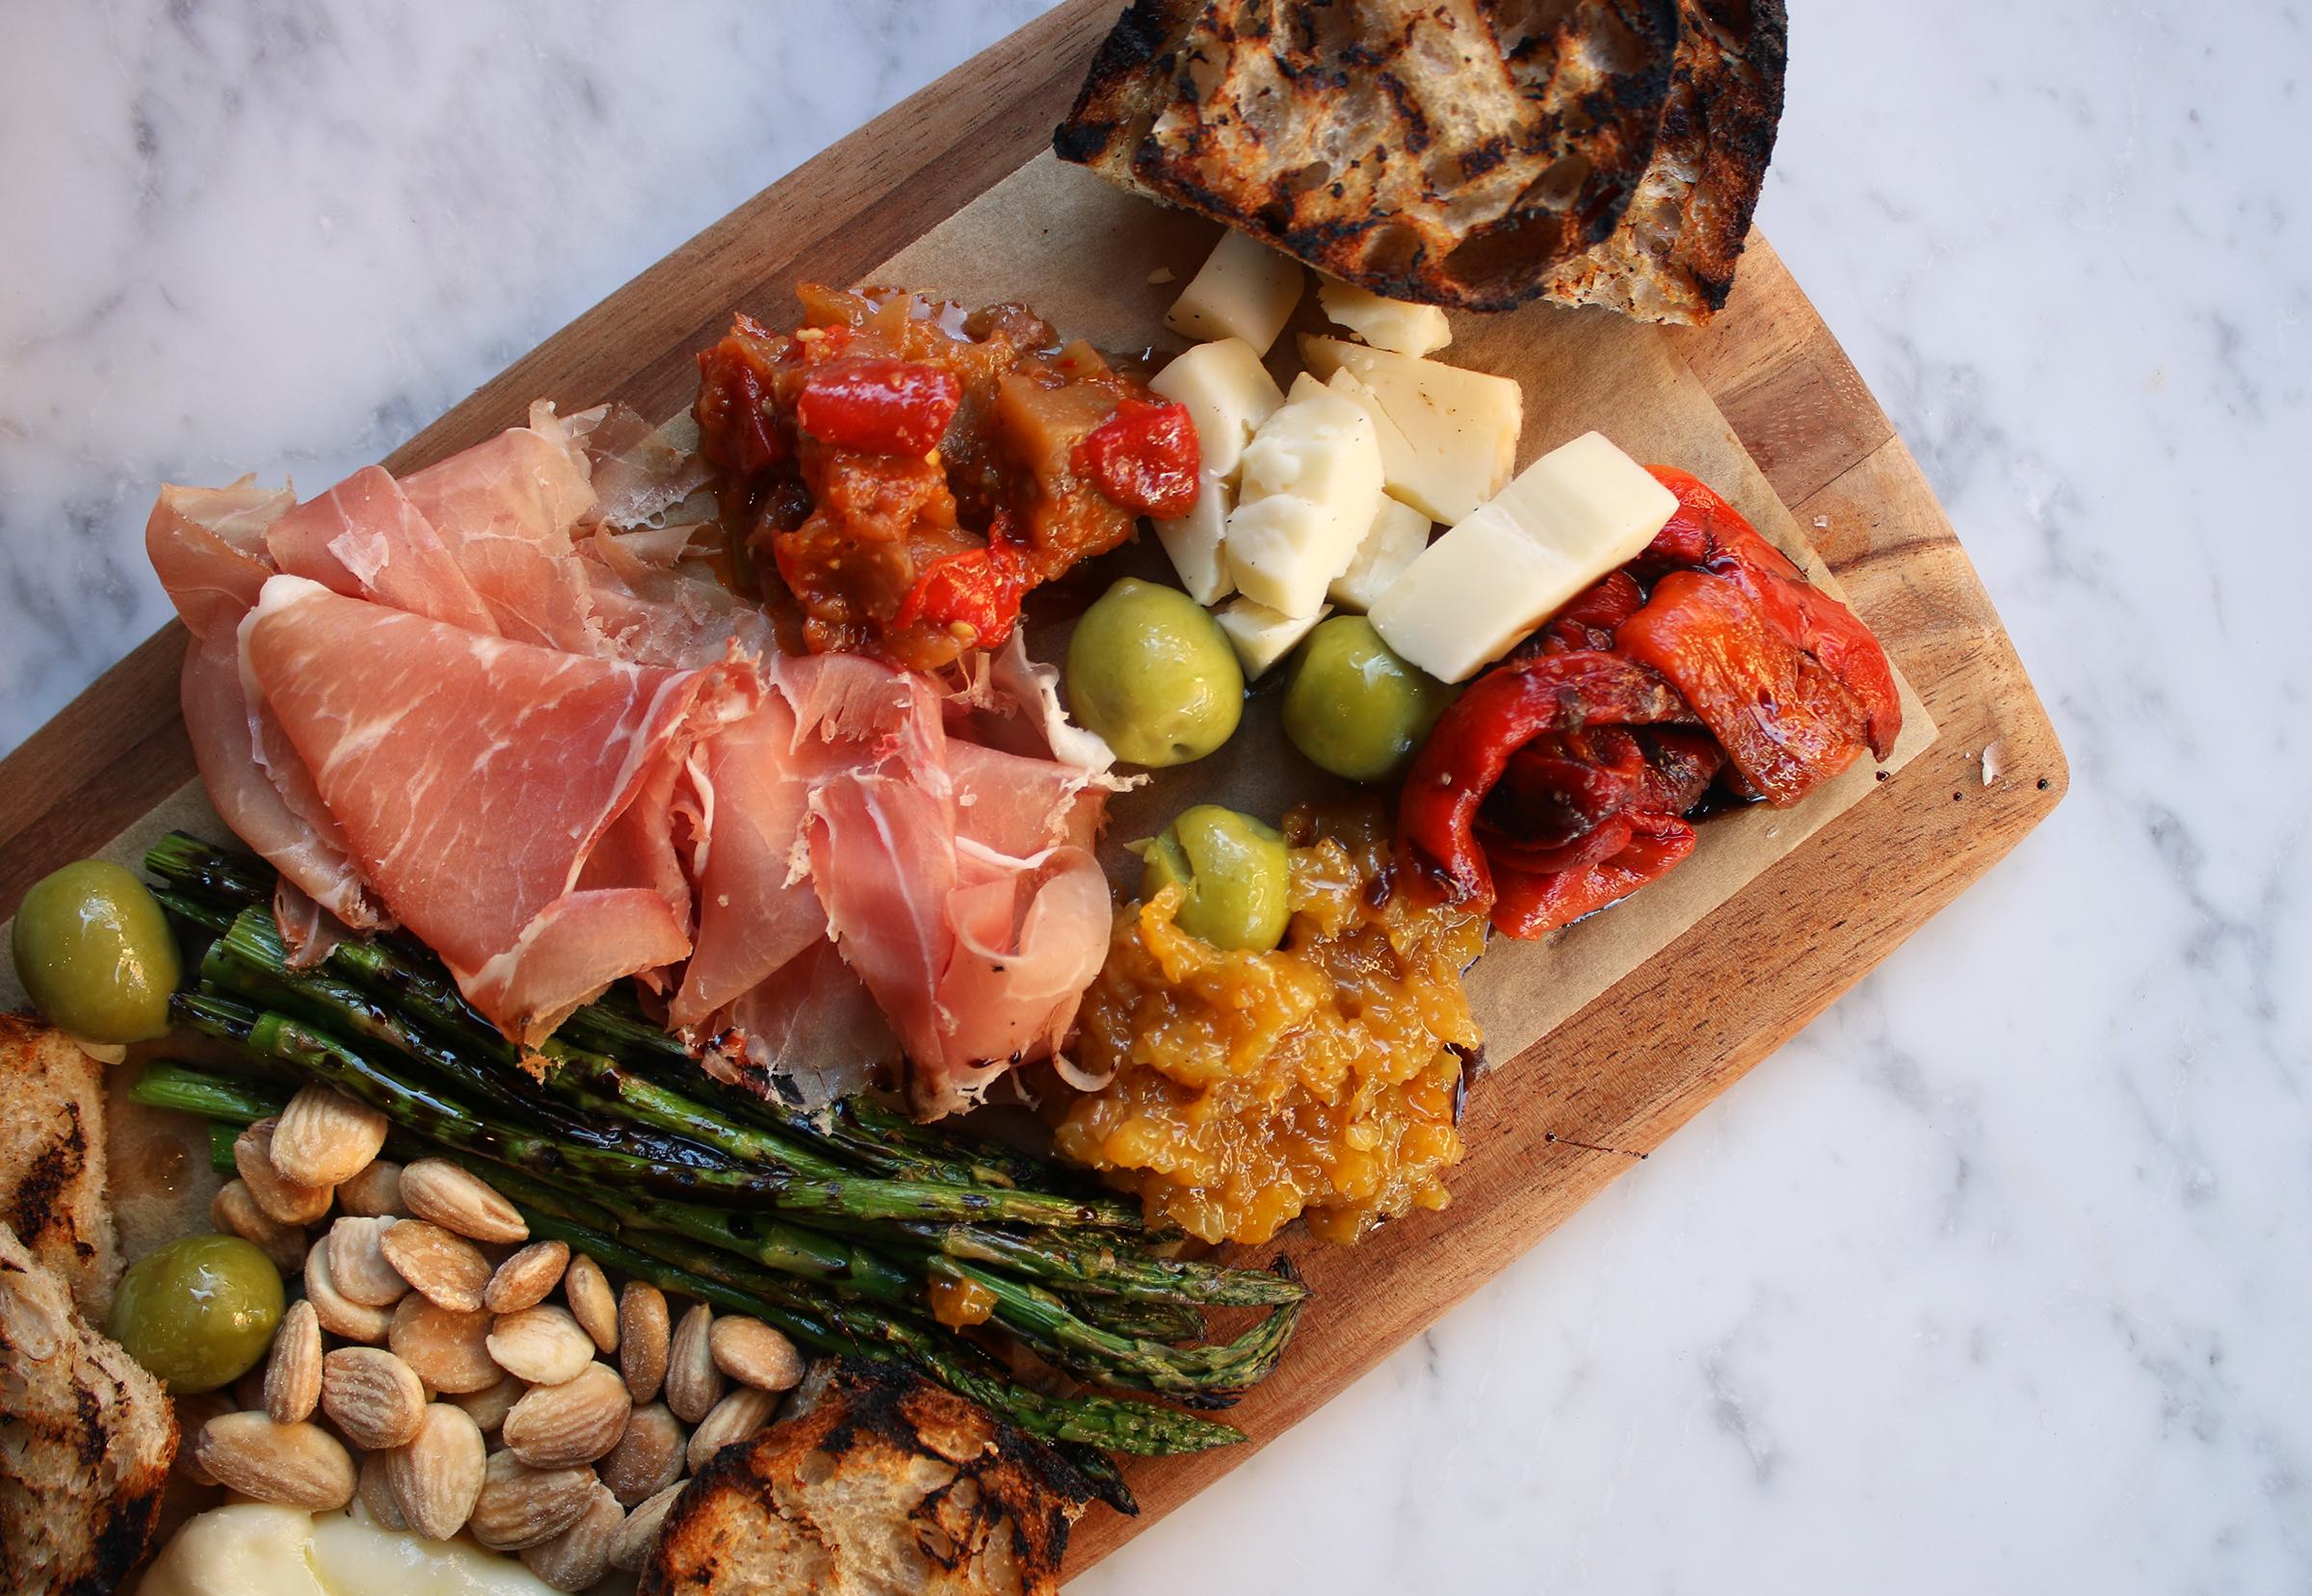 CHEF'S BOARD (serves 2-3): prosciutto di parma, artisan cheese, marinated eggplant, roasted pepper, castelvetrano olive, marcona almond